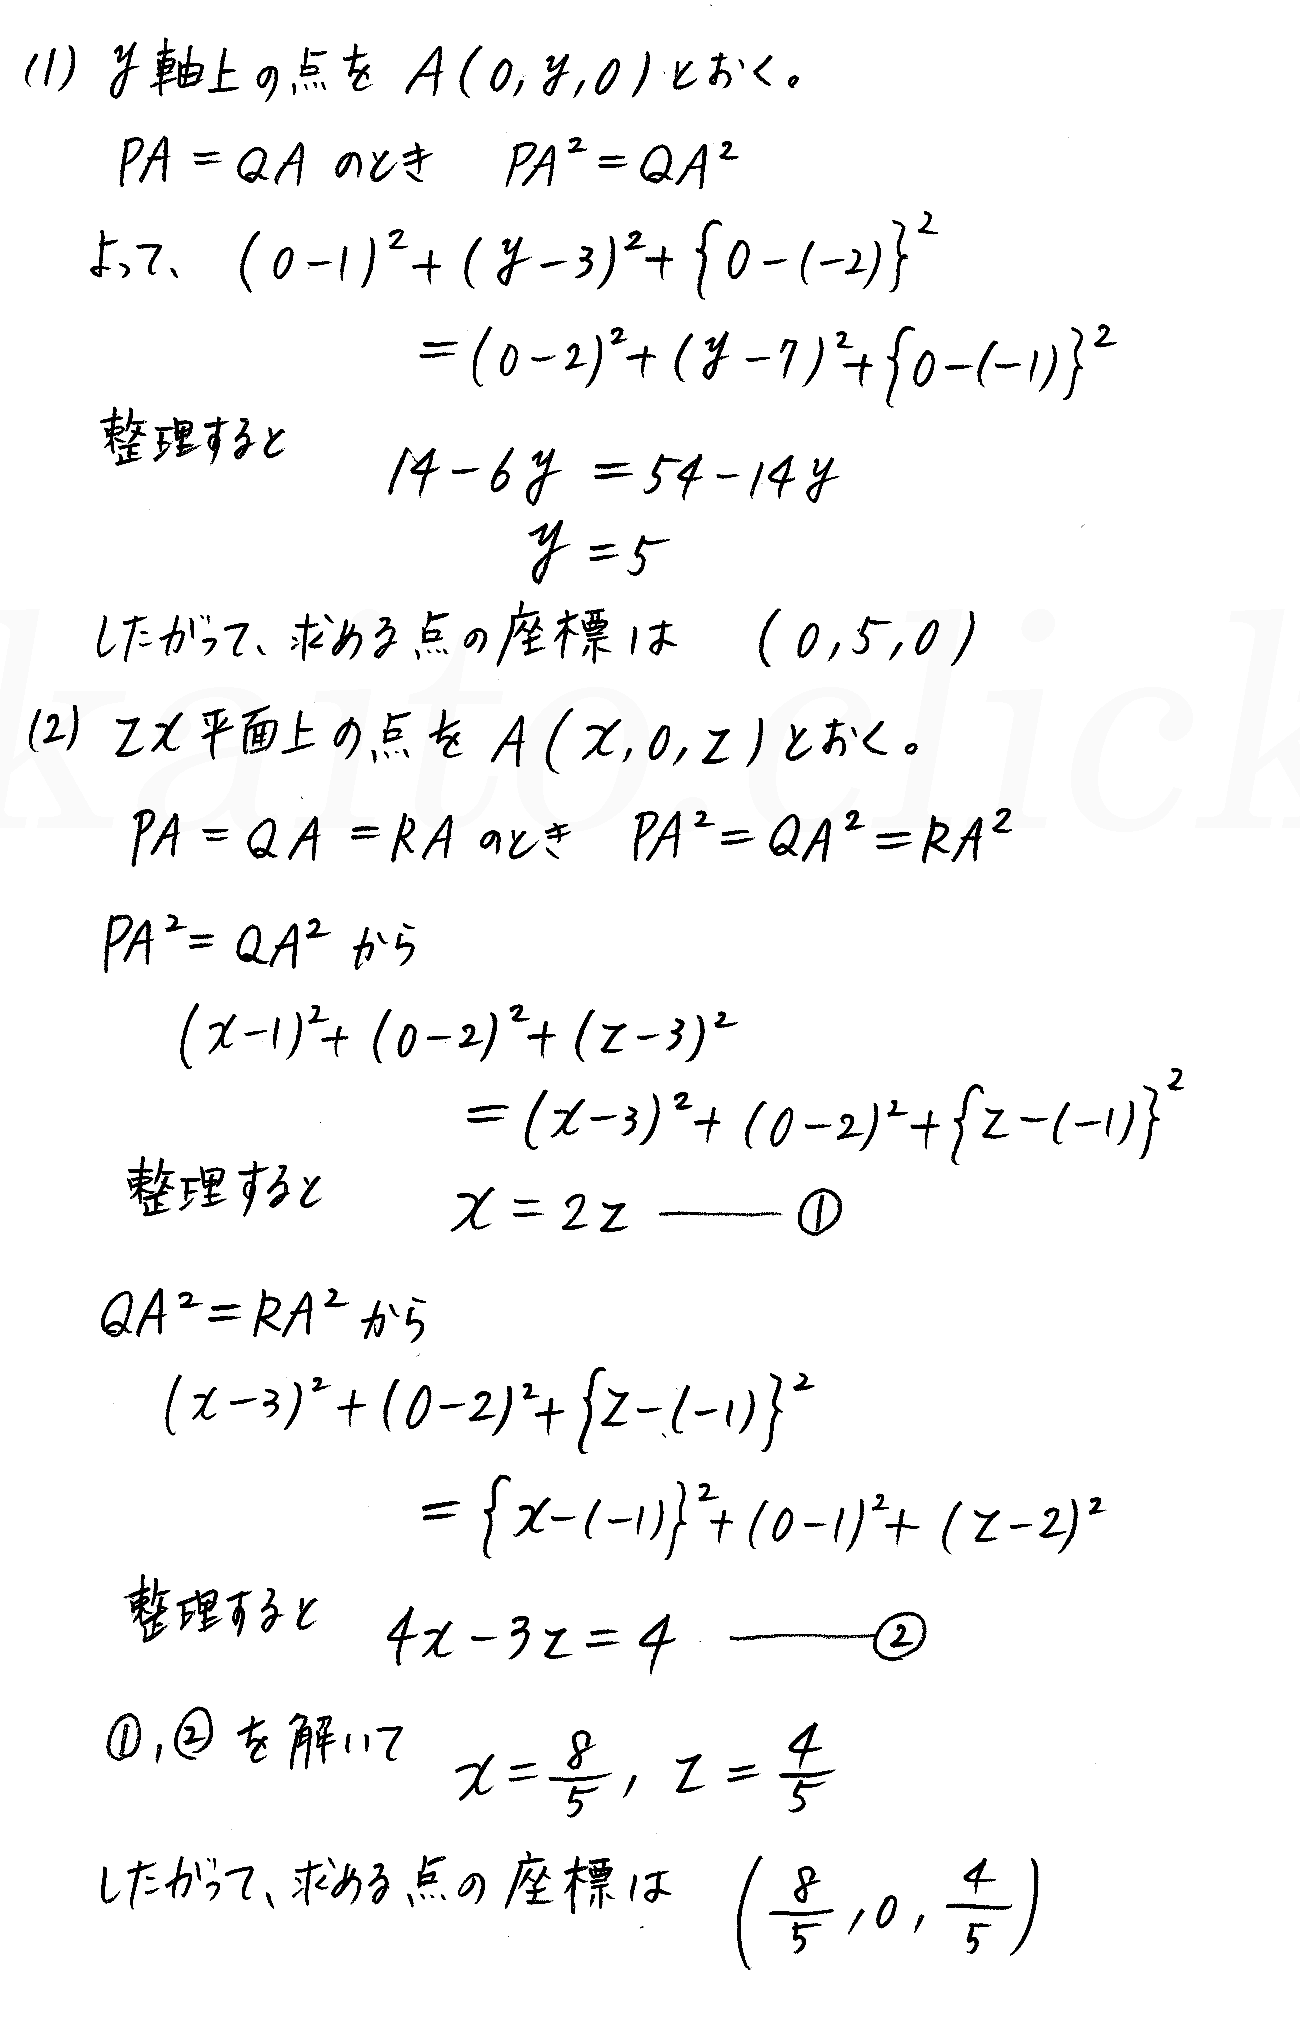 クリアー数学B-132解答